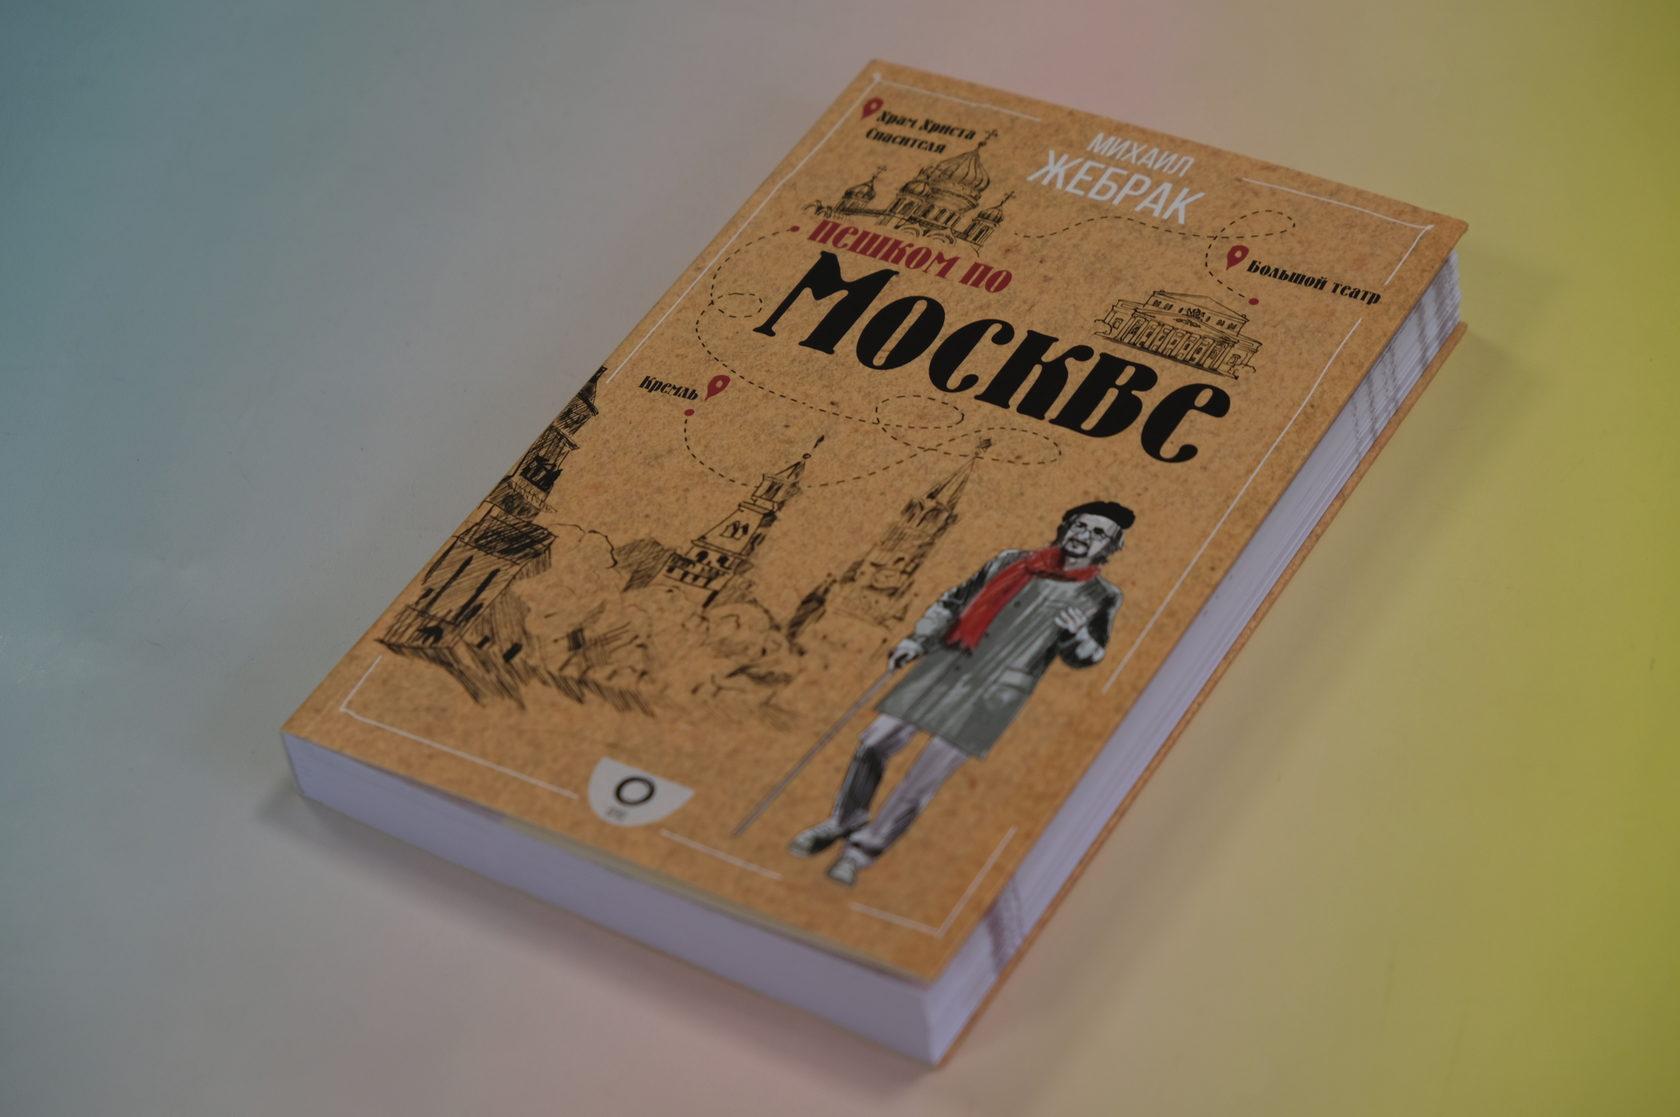 Купить книгу Михаил Жебрак «Пешком по Москве» 978-5-17-114501-9